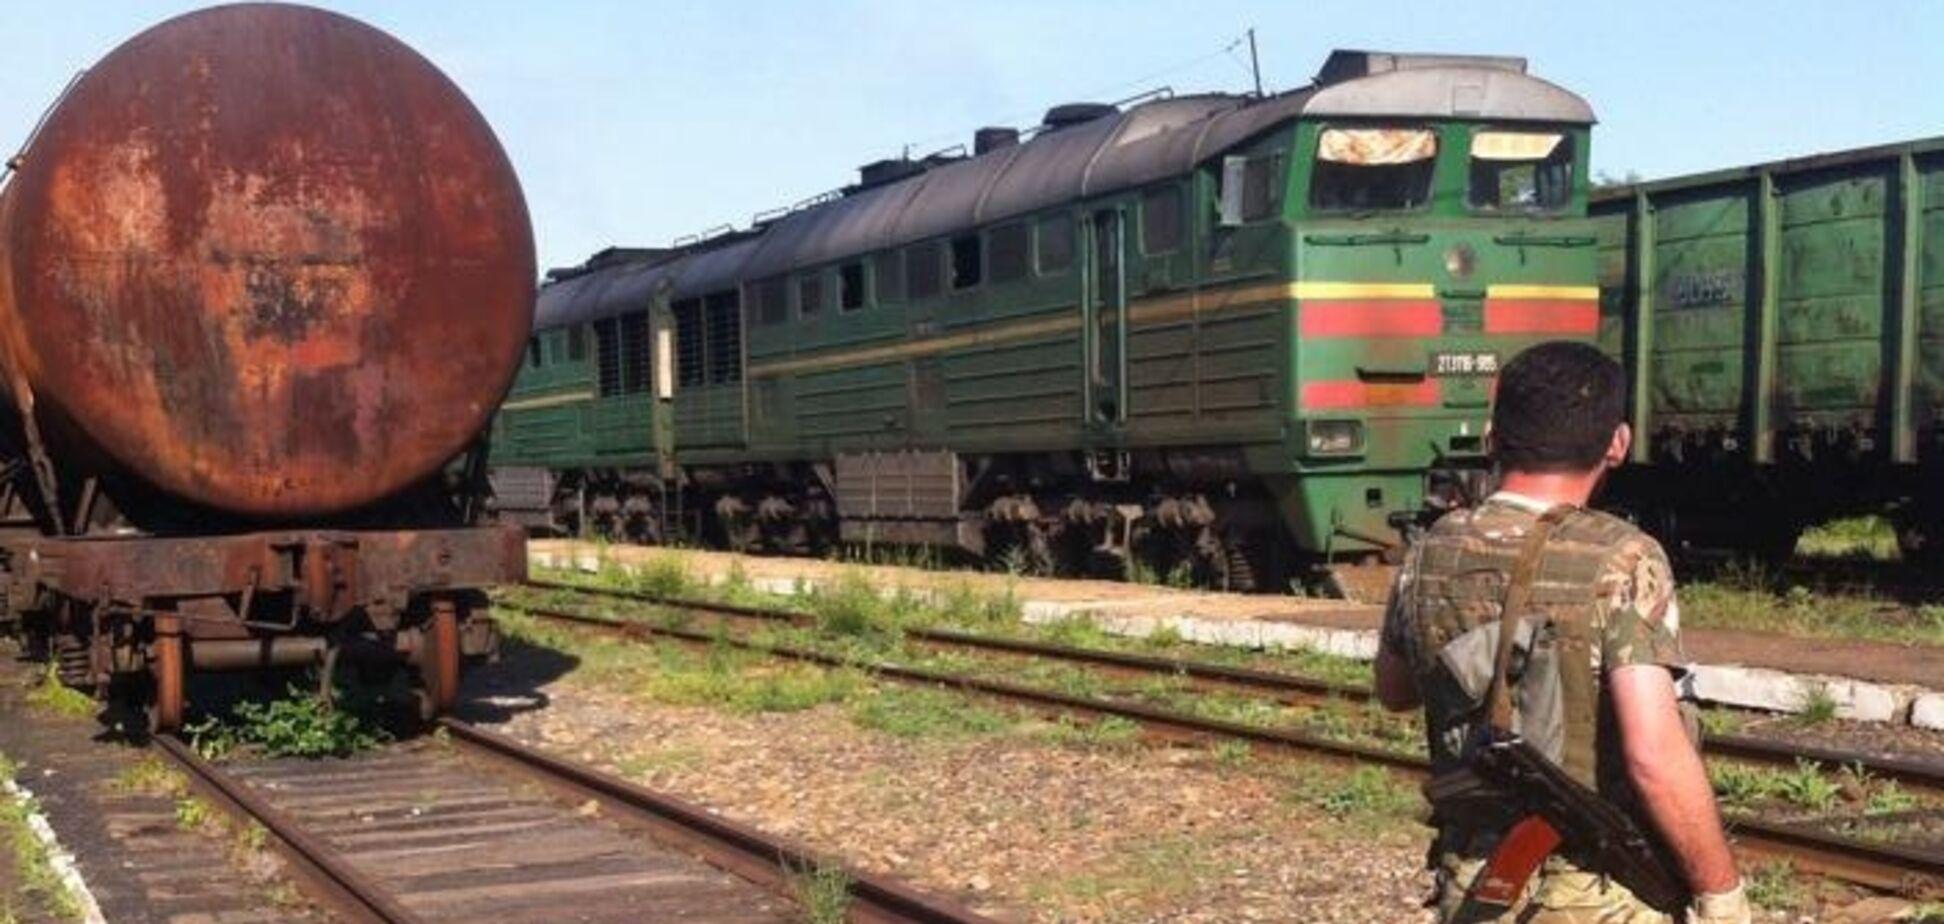 Украина хочет восстановить ж/д сообщение с Донбассом